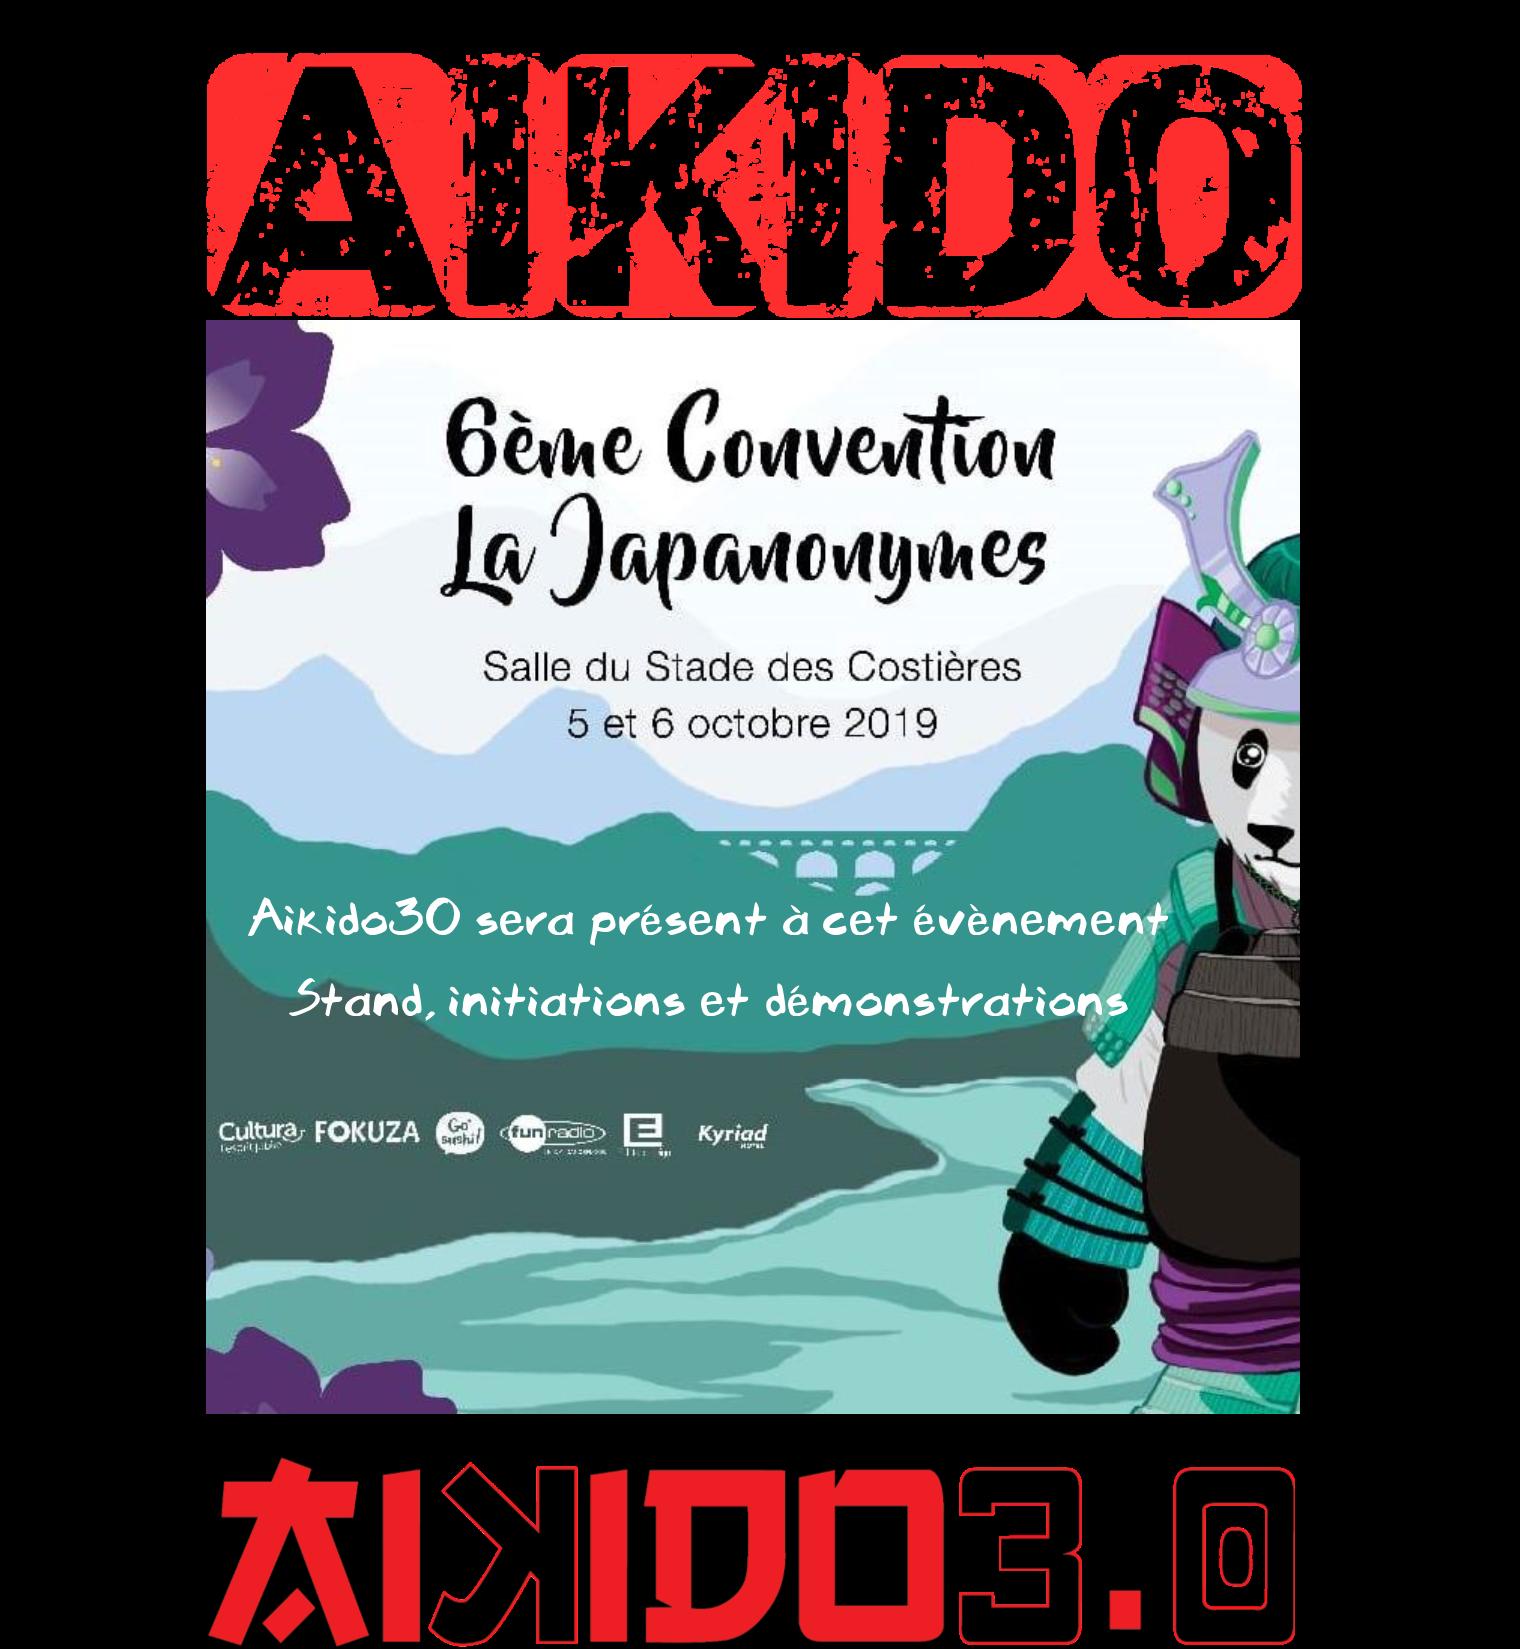 Aikido30 à la JAPANONYMES les 5 et 6 octobre 2019 à Nîmes-Costières